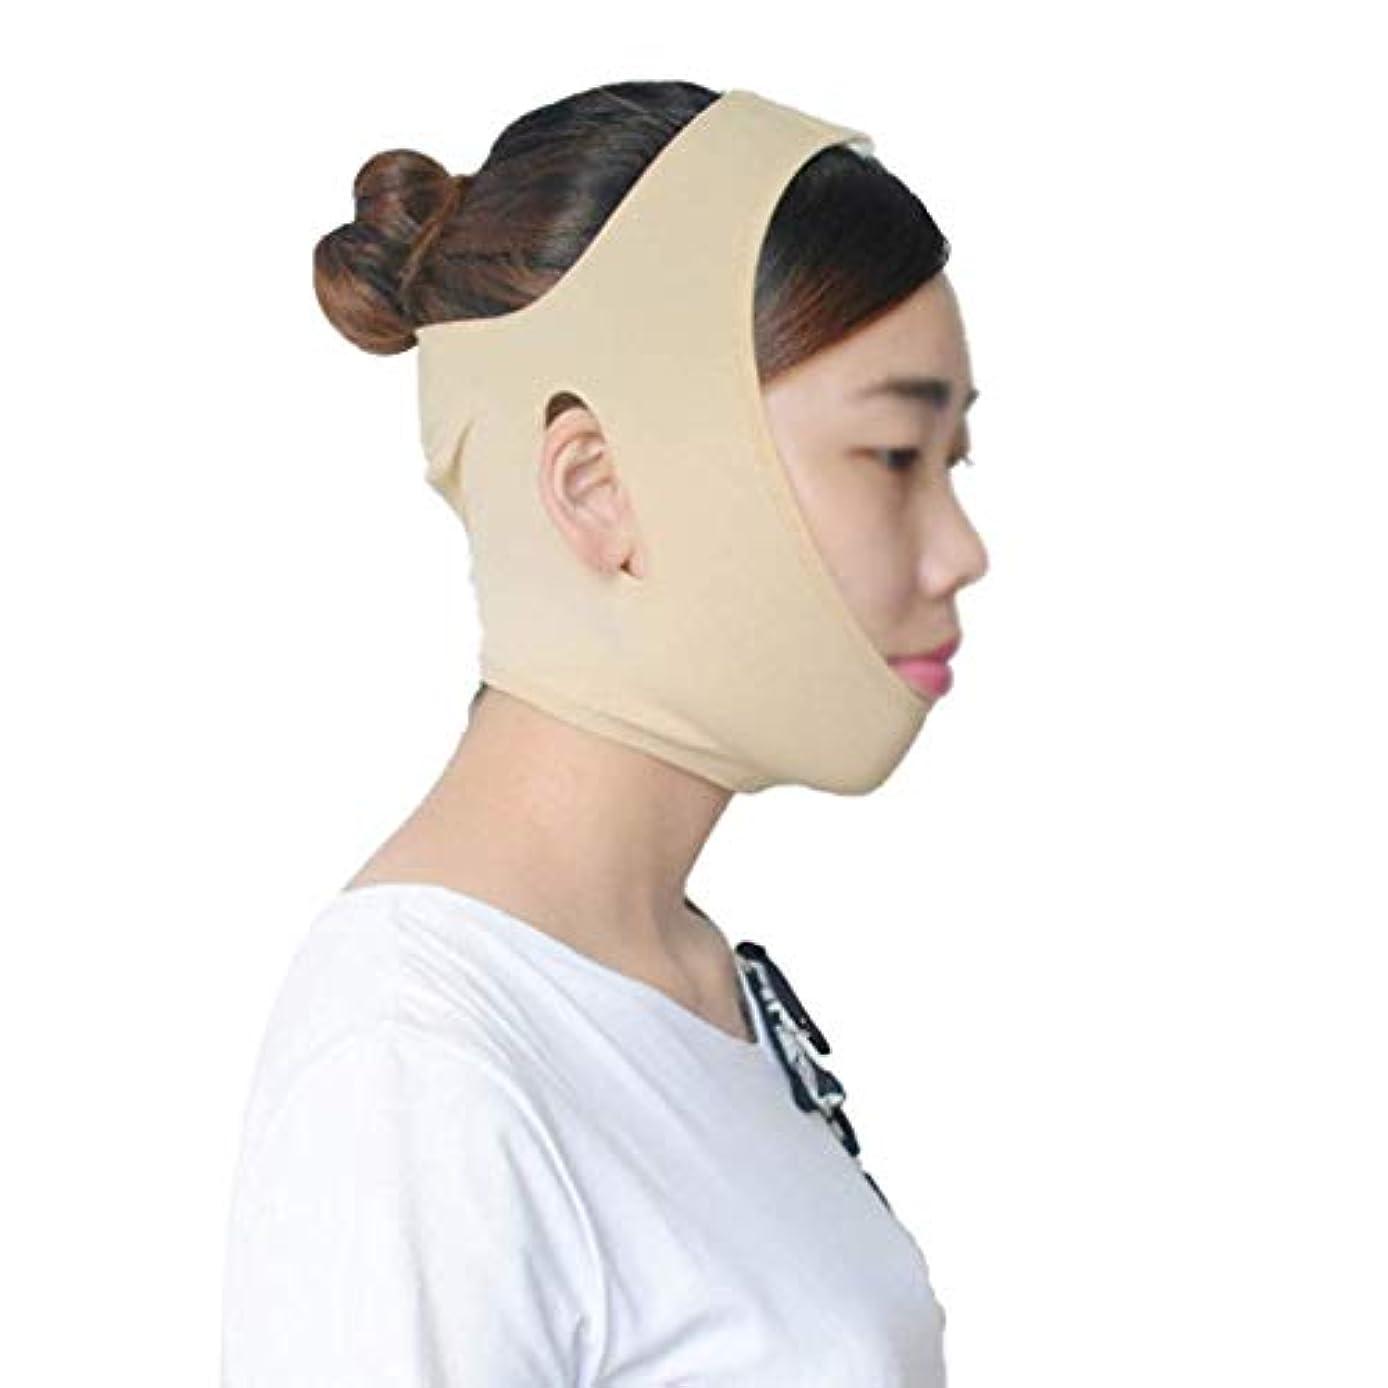 ラブモロニックマナーファーミングフェイスマスク、フェイスリフトマスクパワフルフェイスリフティングツールフェイスビューティフェイスリフティングフェイスマスクファーミングリフティングフェイスリフティングフェイスリフティングフェイスリフティング包帯(サイズ:M),M